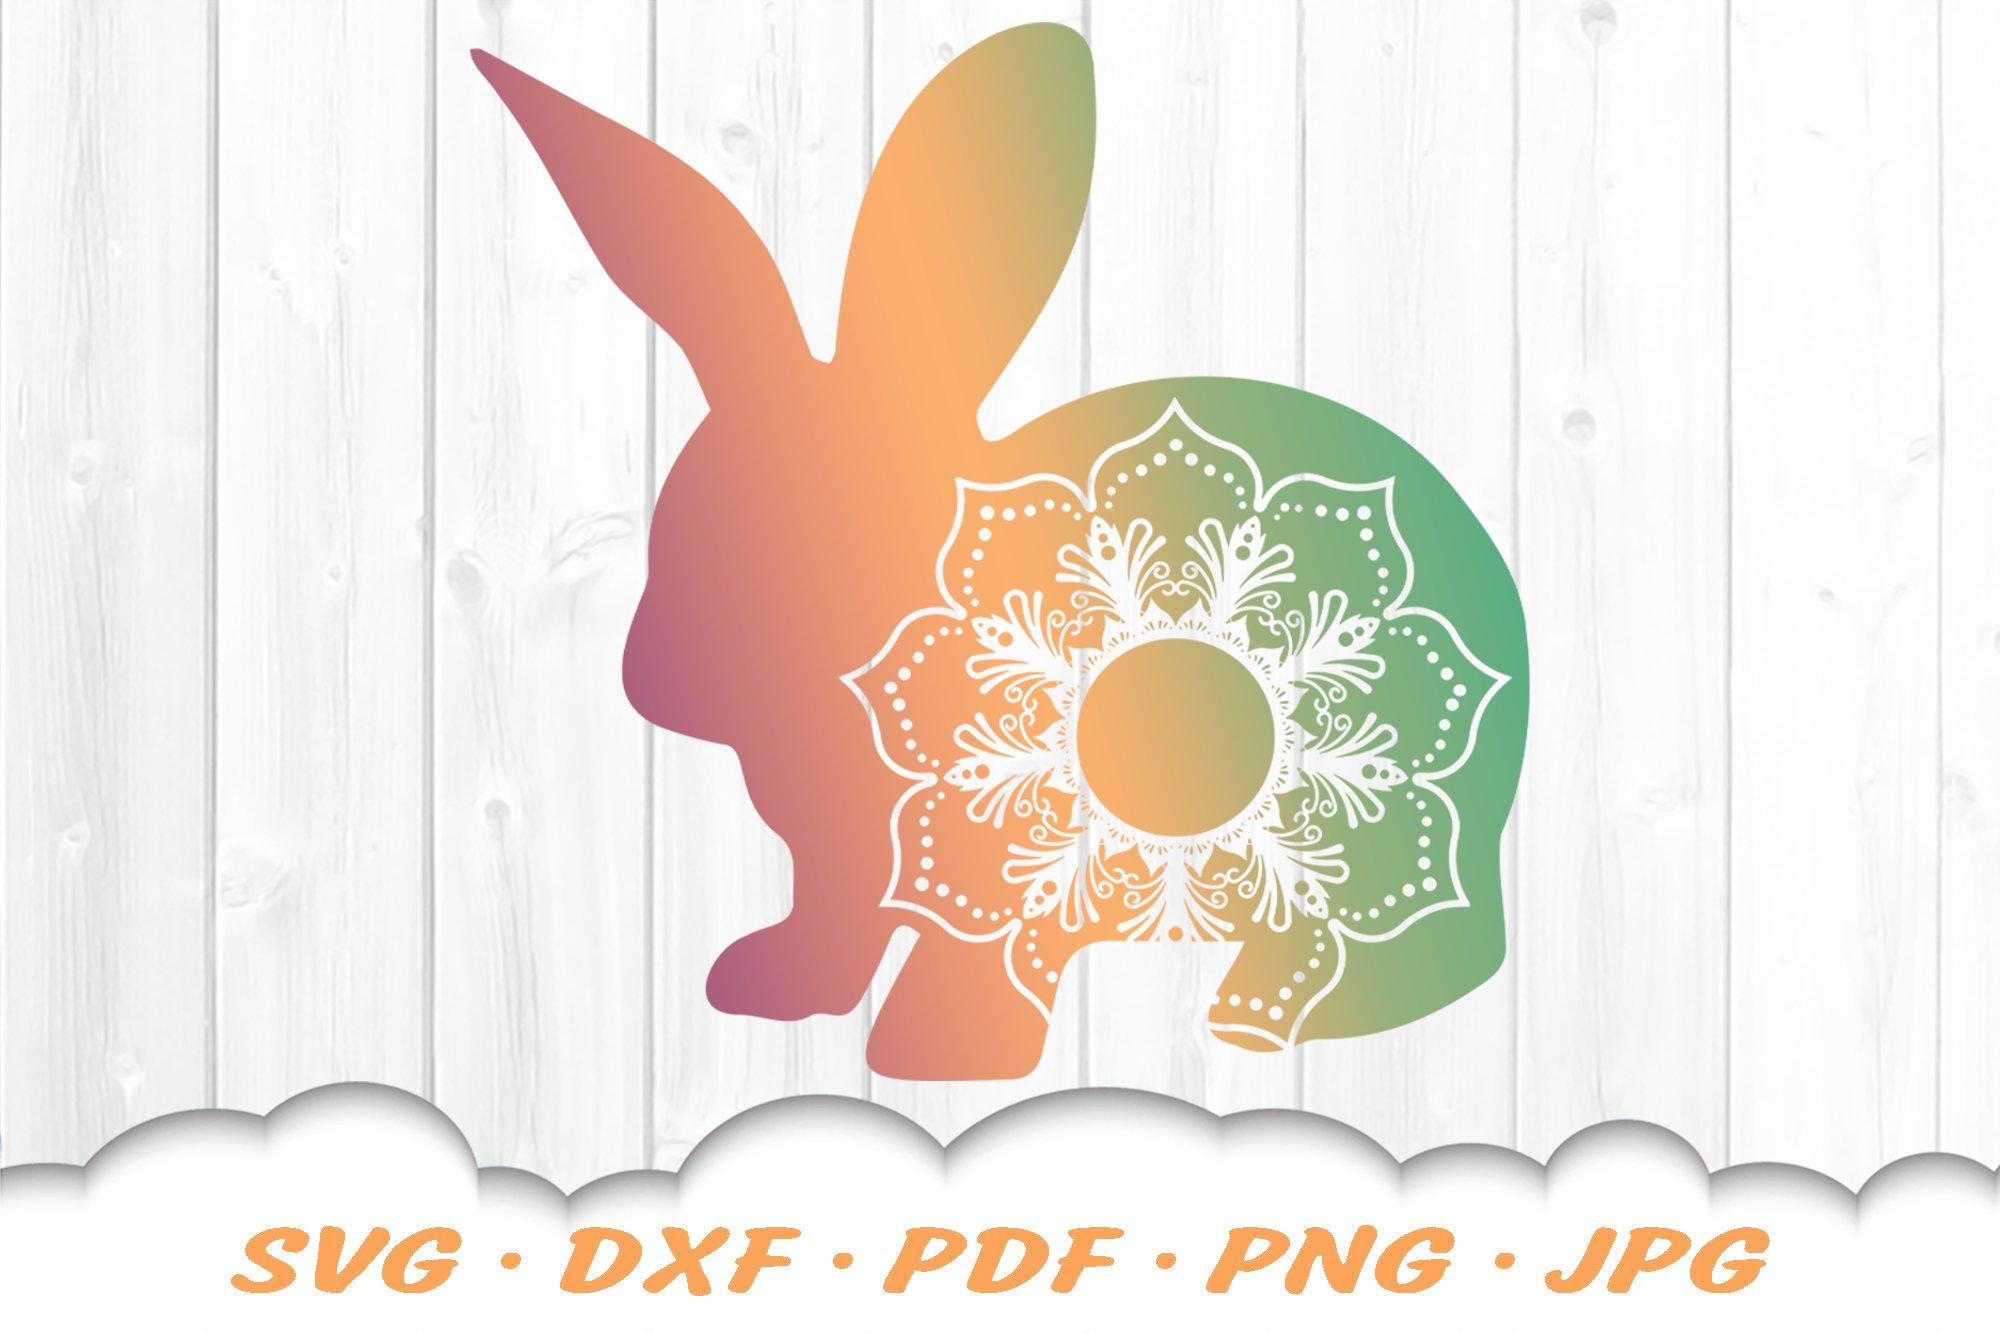 Mandala Easter Bunny Svg Dxf Cut Files 519750 Svgs Design Bundles